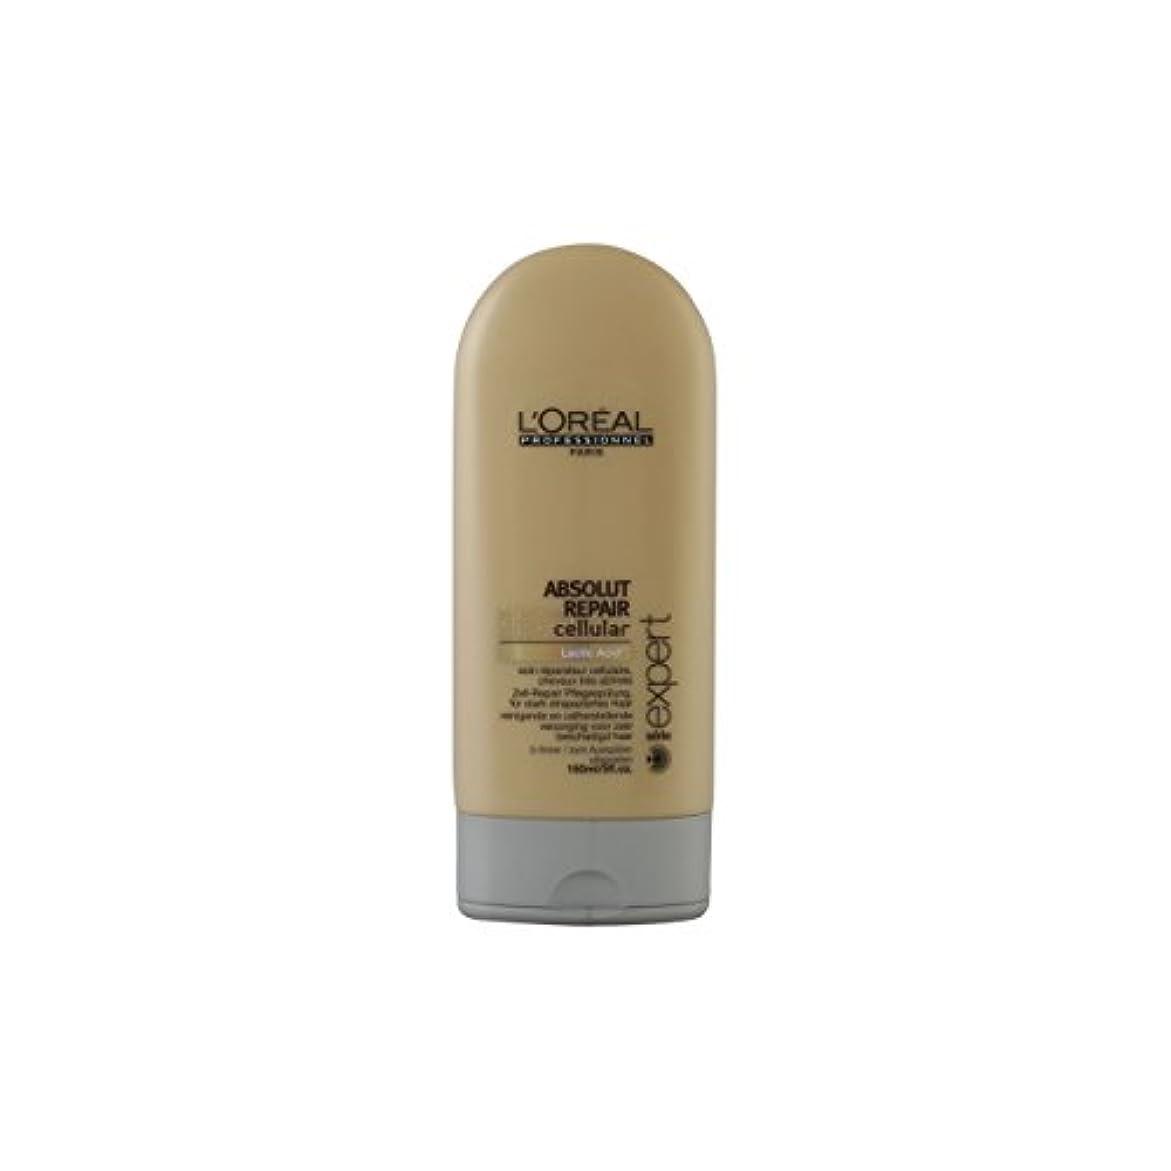 表面的な購入咽頭ロレアル プロフェッショナル セリエエクスパート アブソルートリペア リピディアム コンディショナー 150ml(並行輸入品)